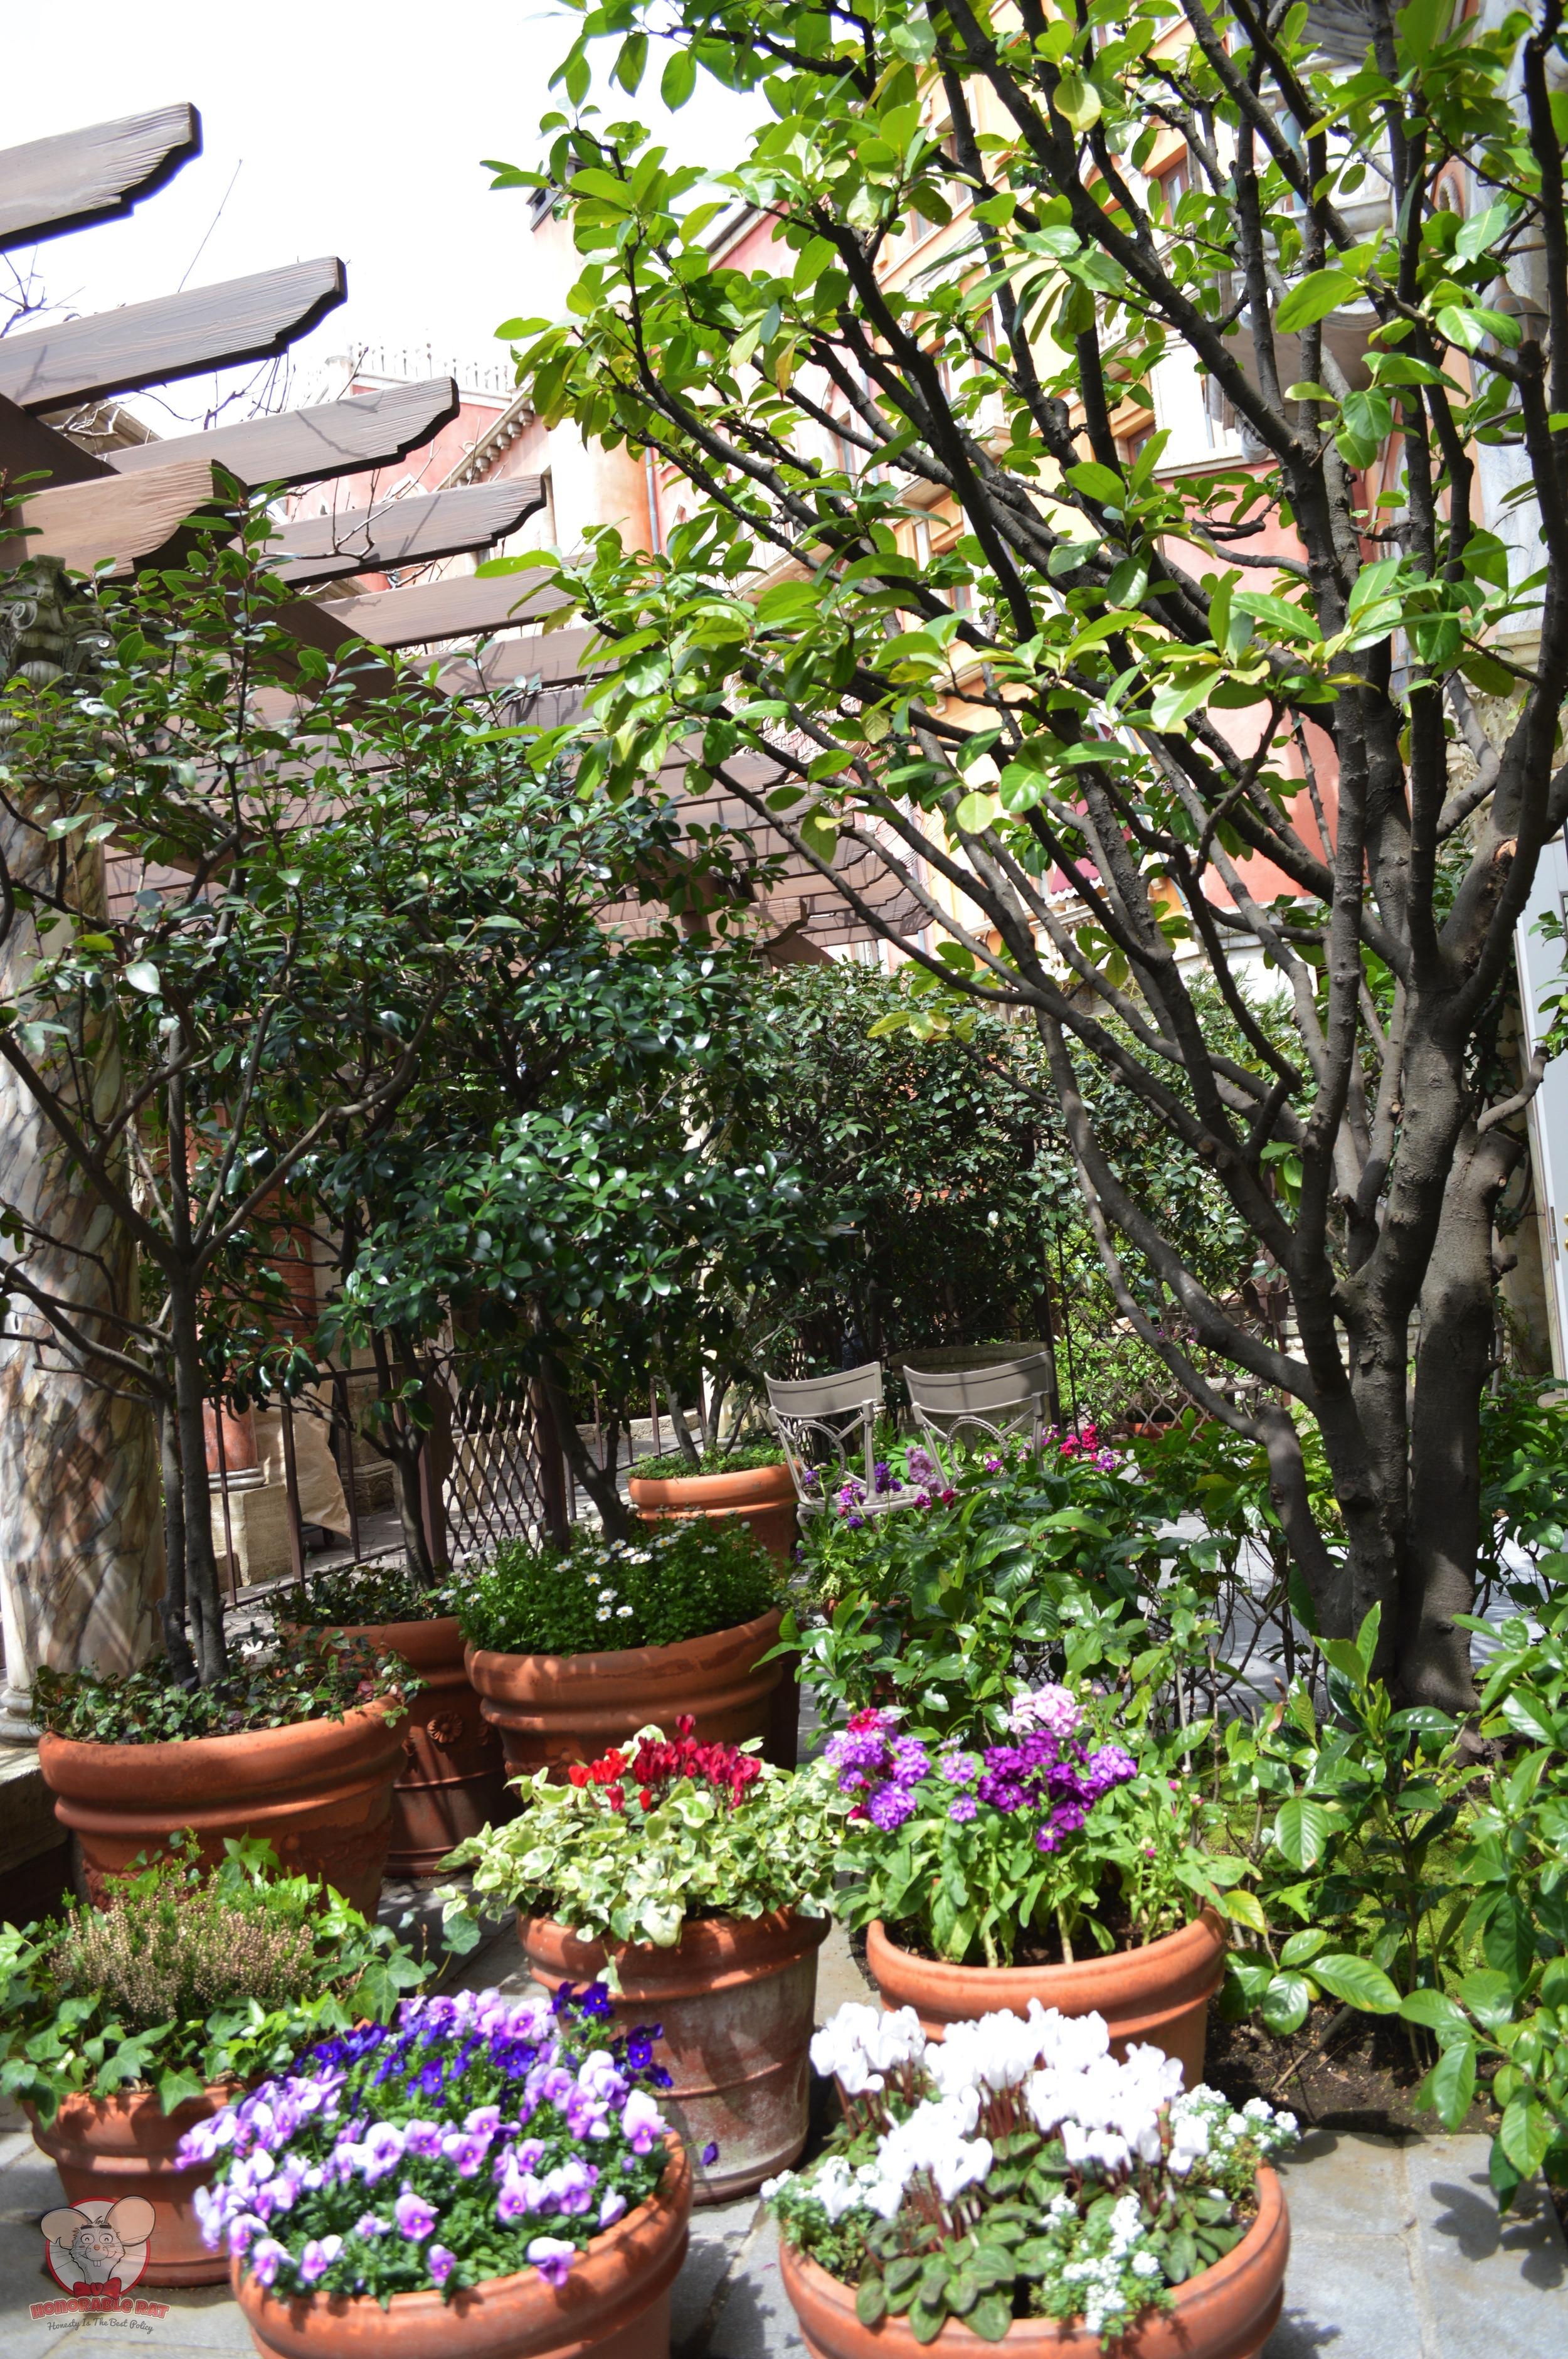 Garden at the patio